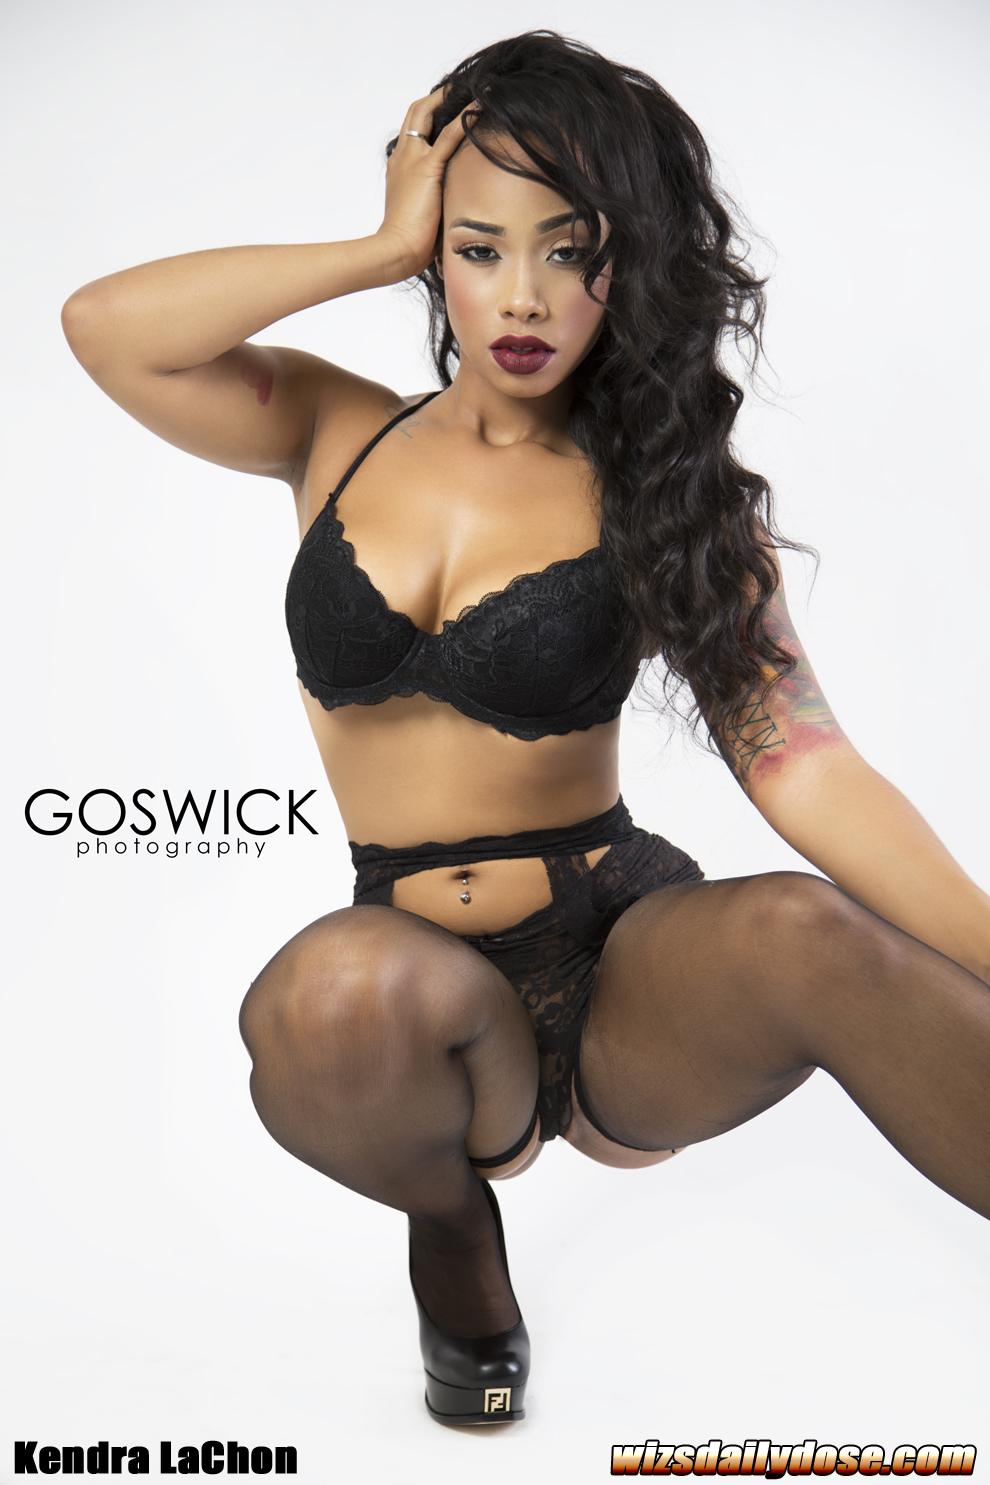 Kendra LaChon1 Goswick Photography.thewizsdailydose